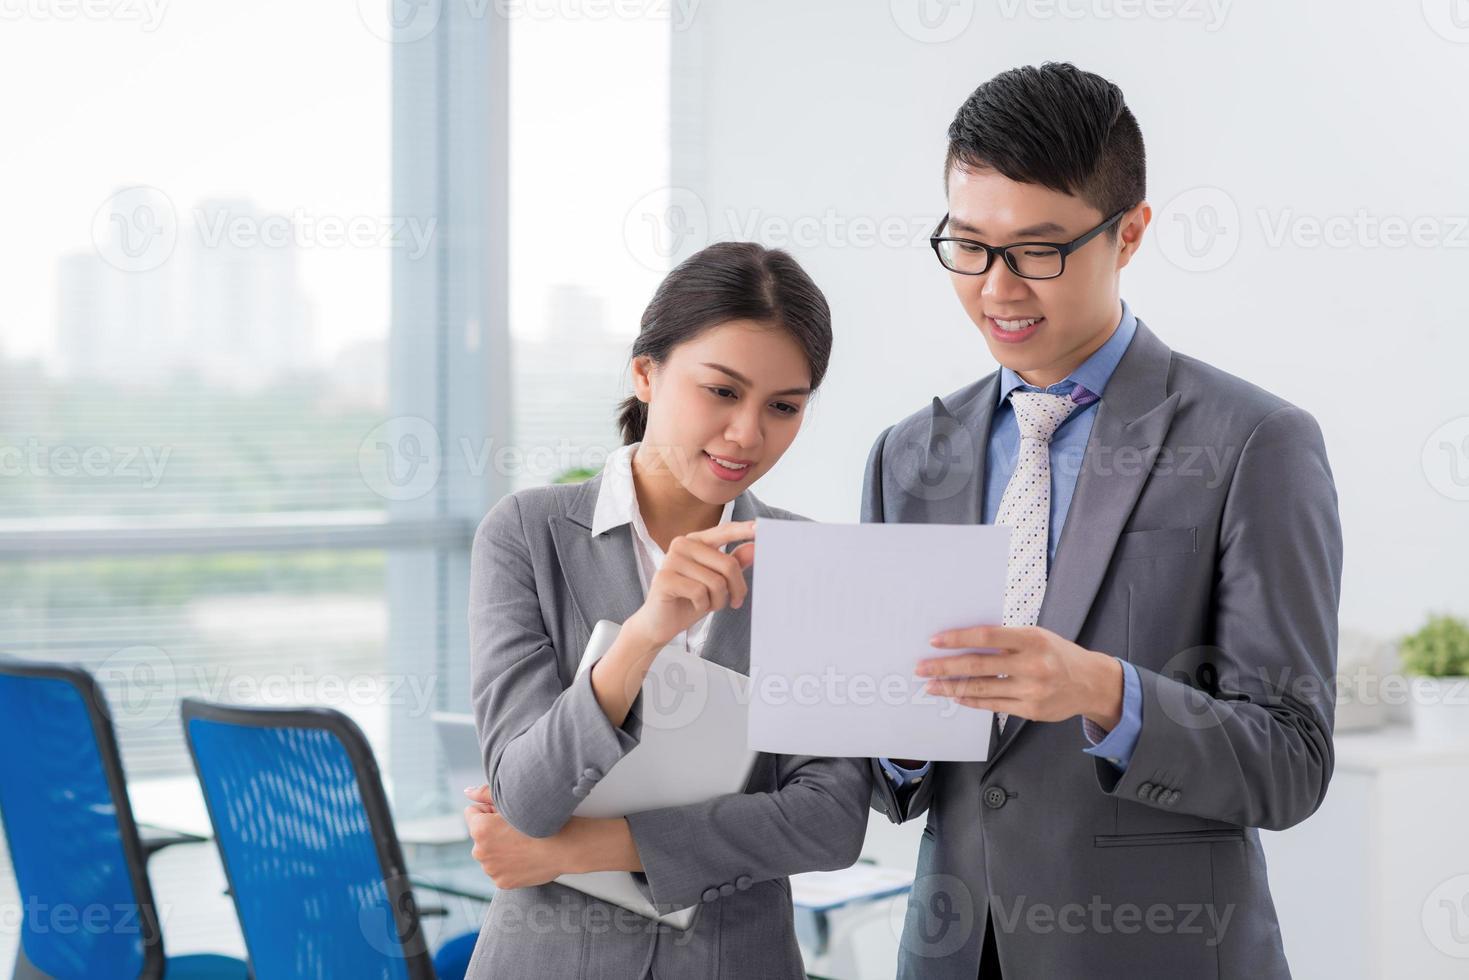 bedrijfsdocument lezen foto